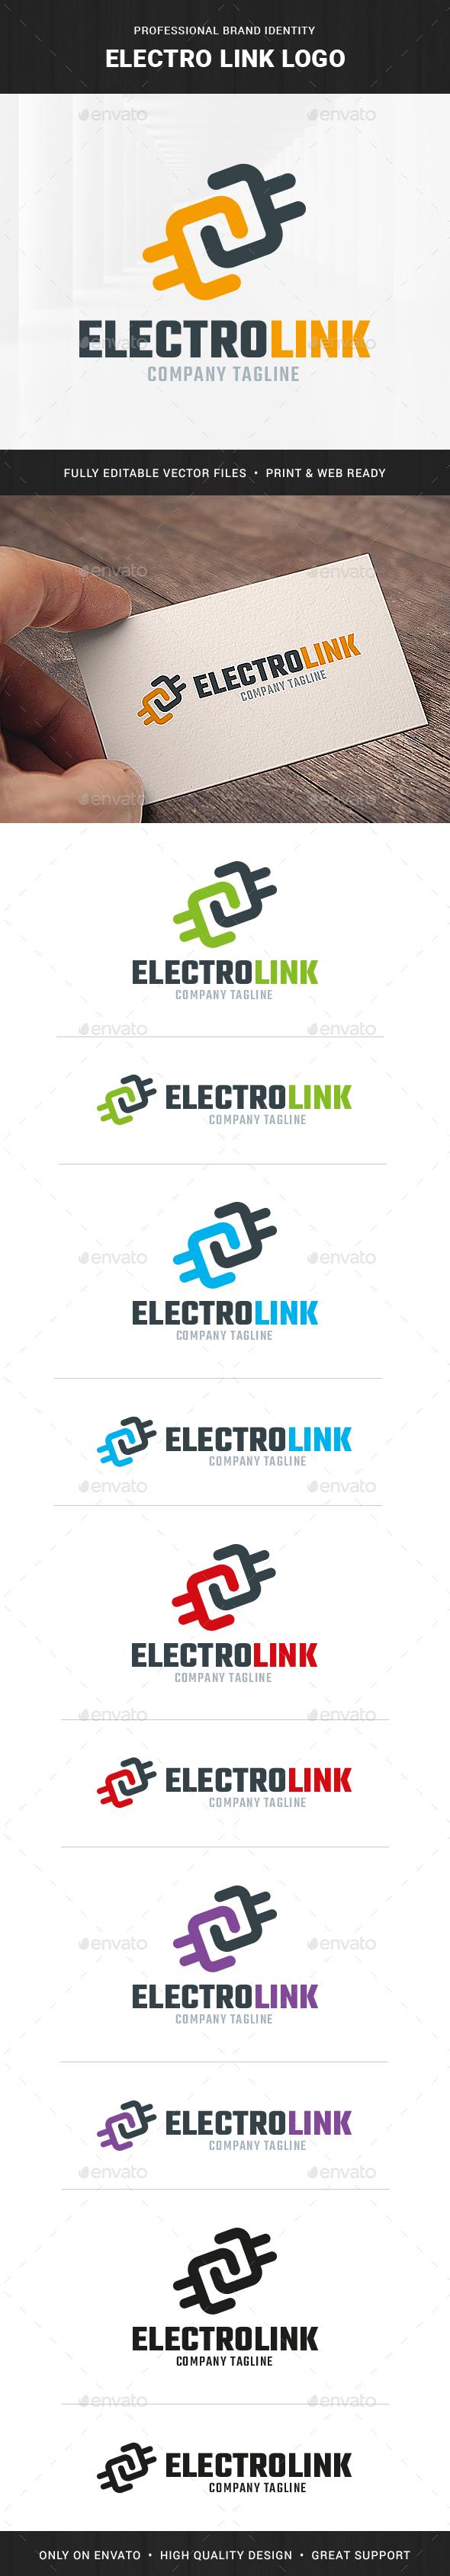 Electro Link Logo Template